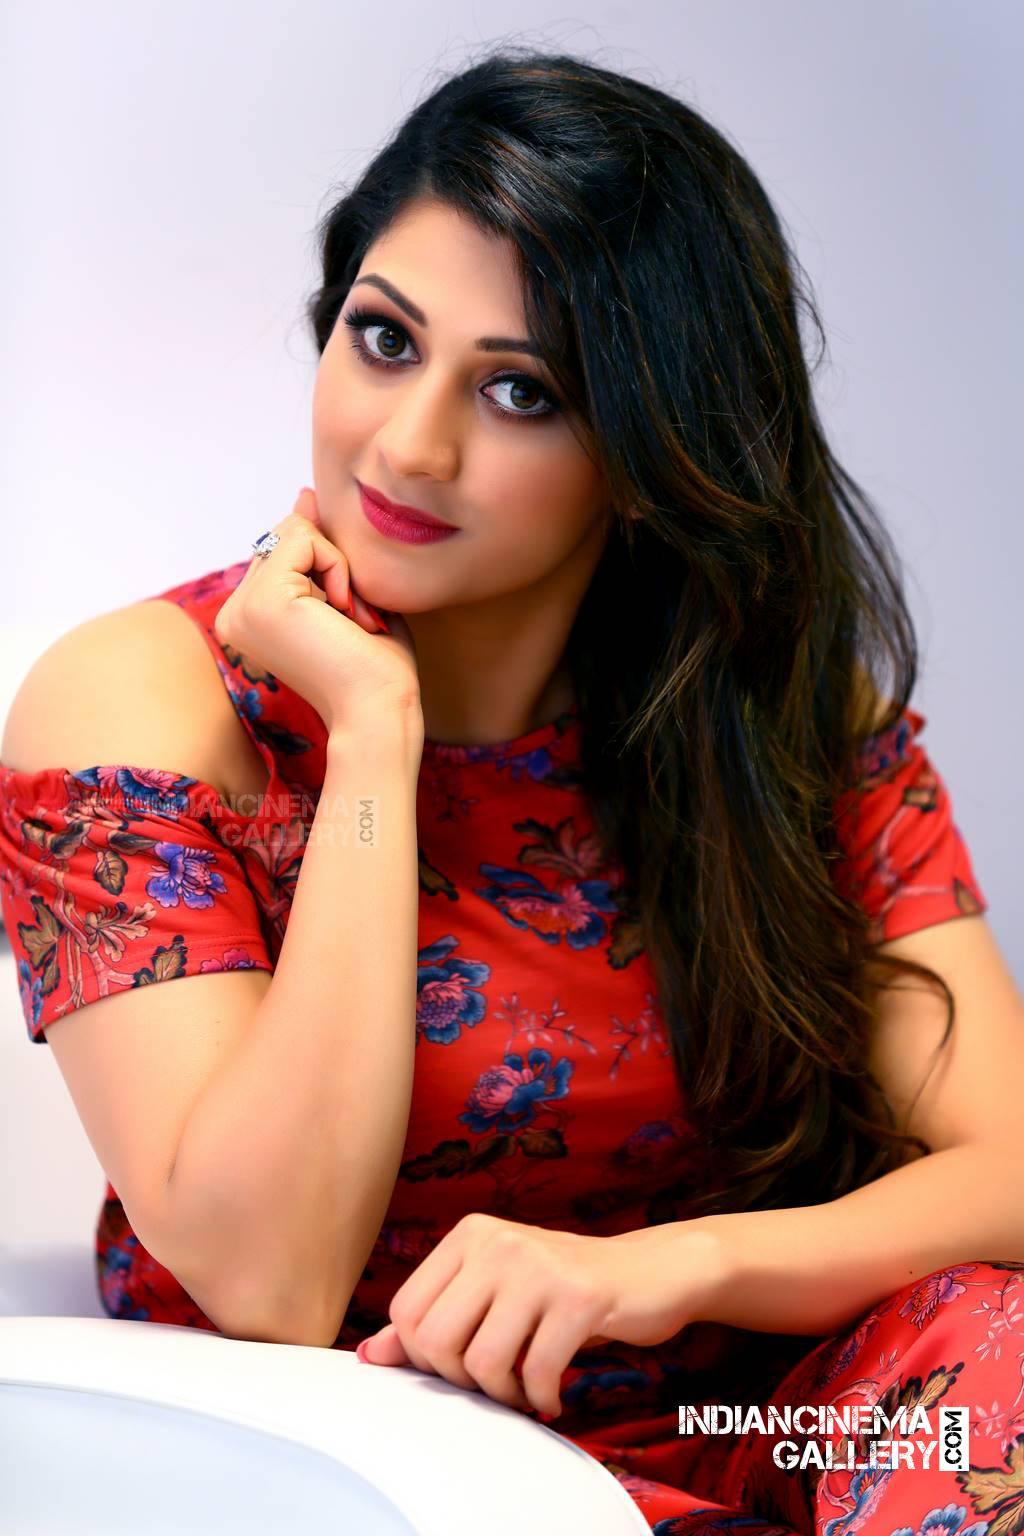 Kumaraswamy radhika Actress Radhika